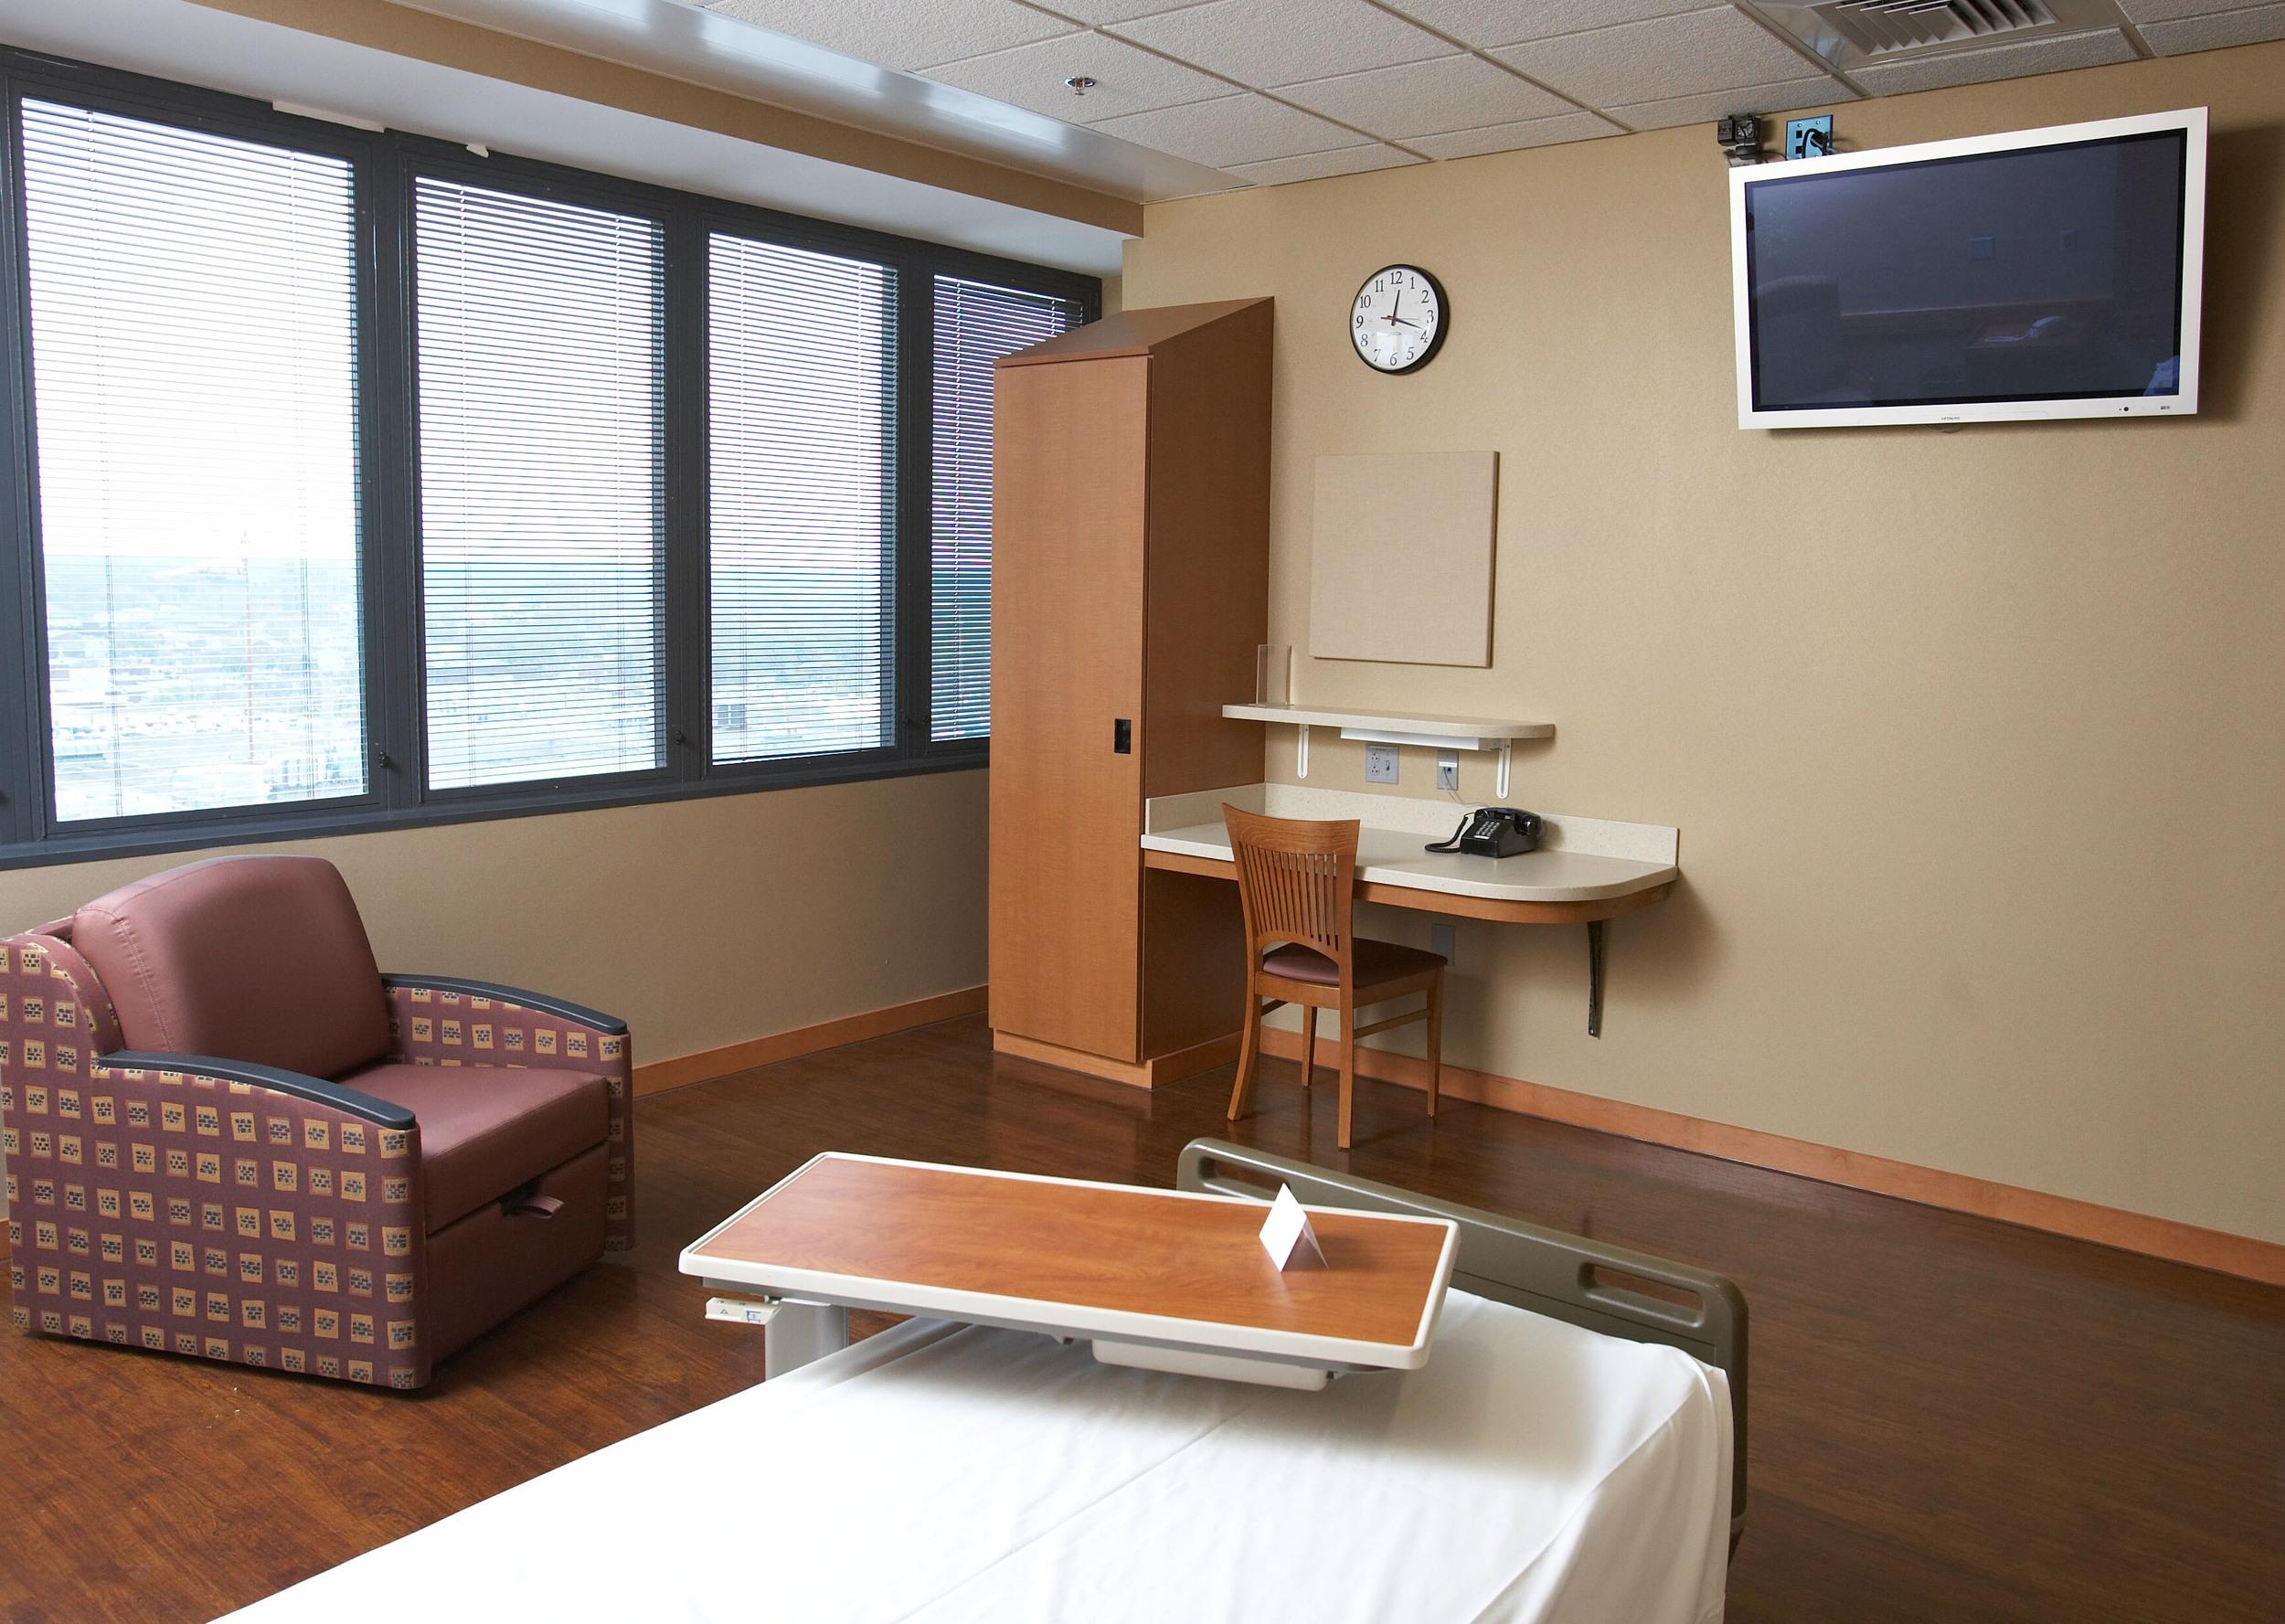 trager room 2.jpg